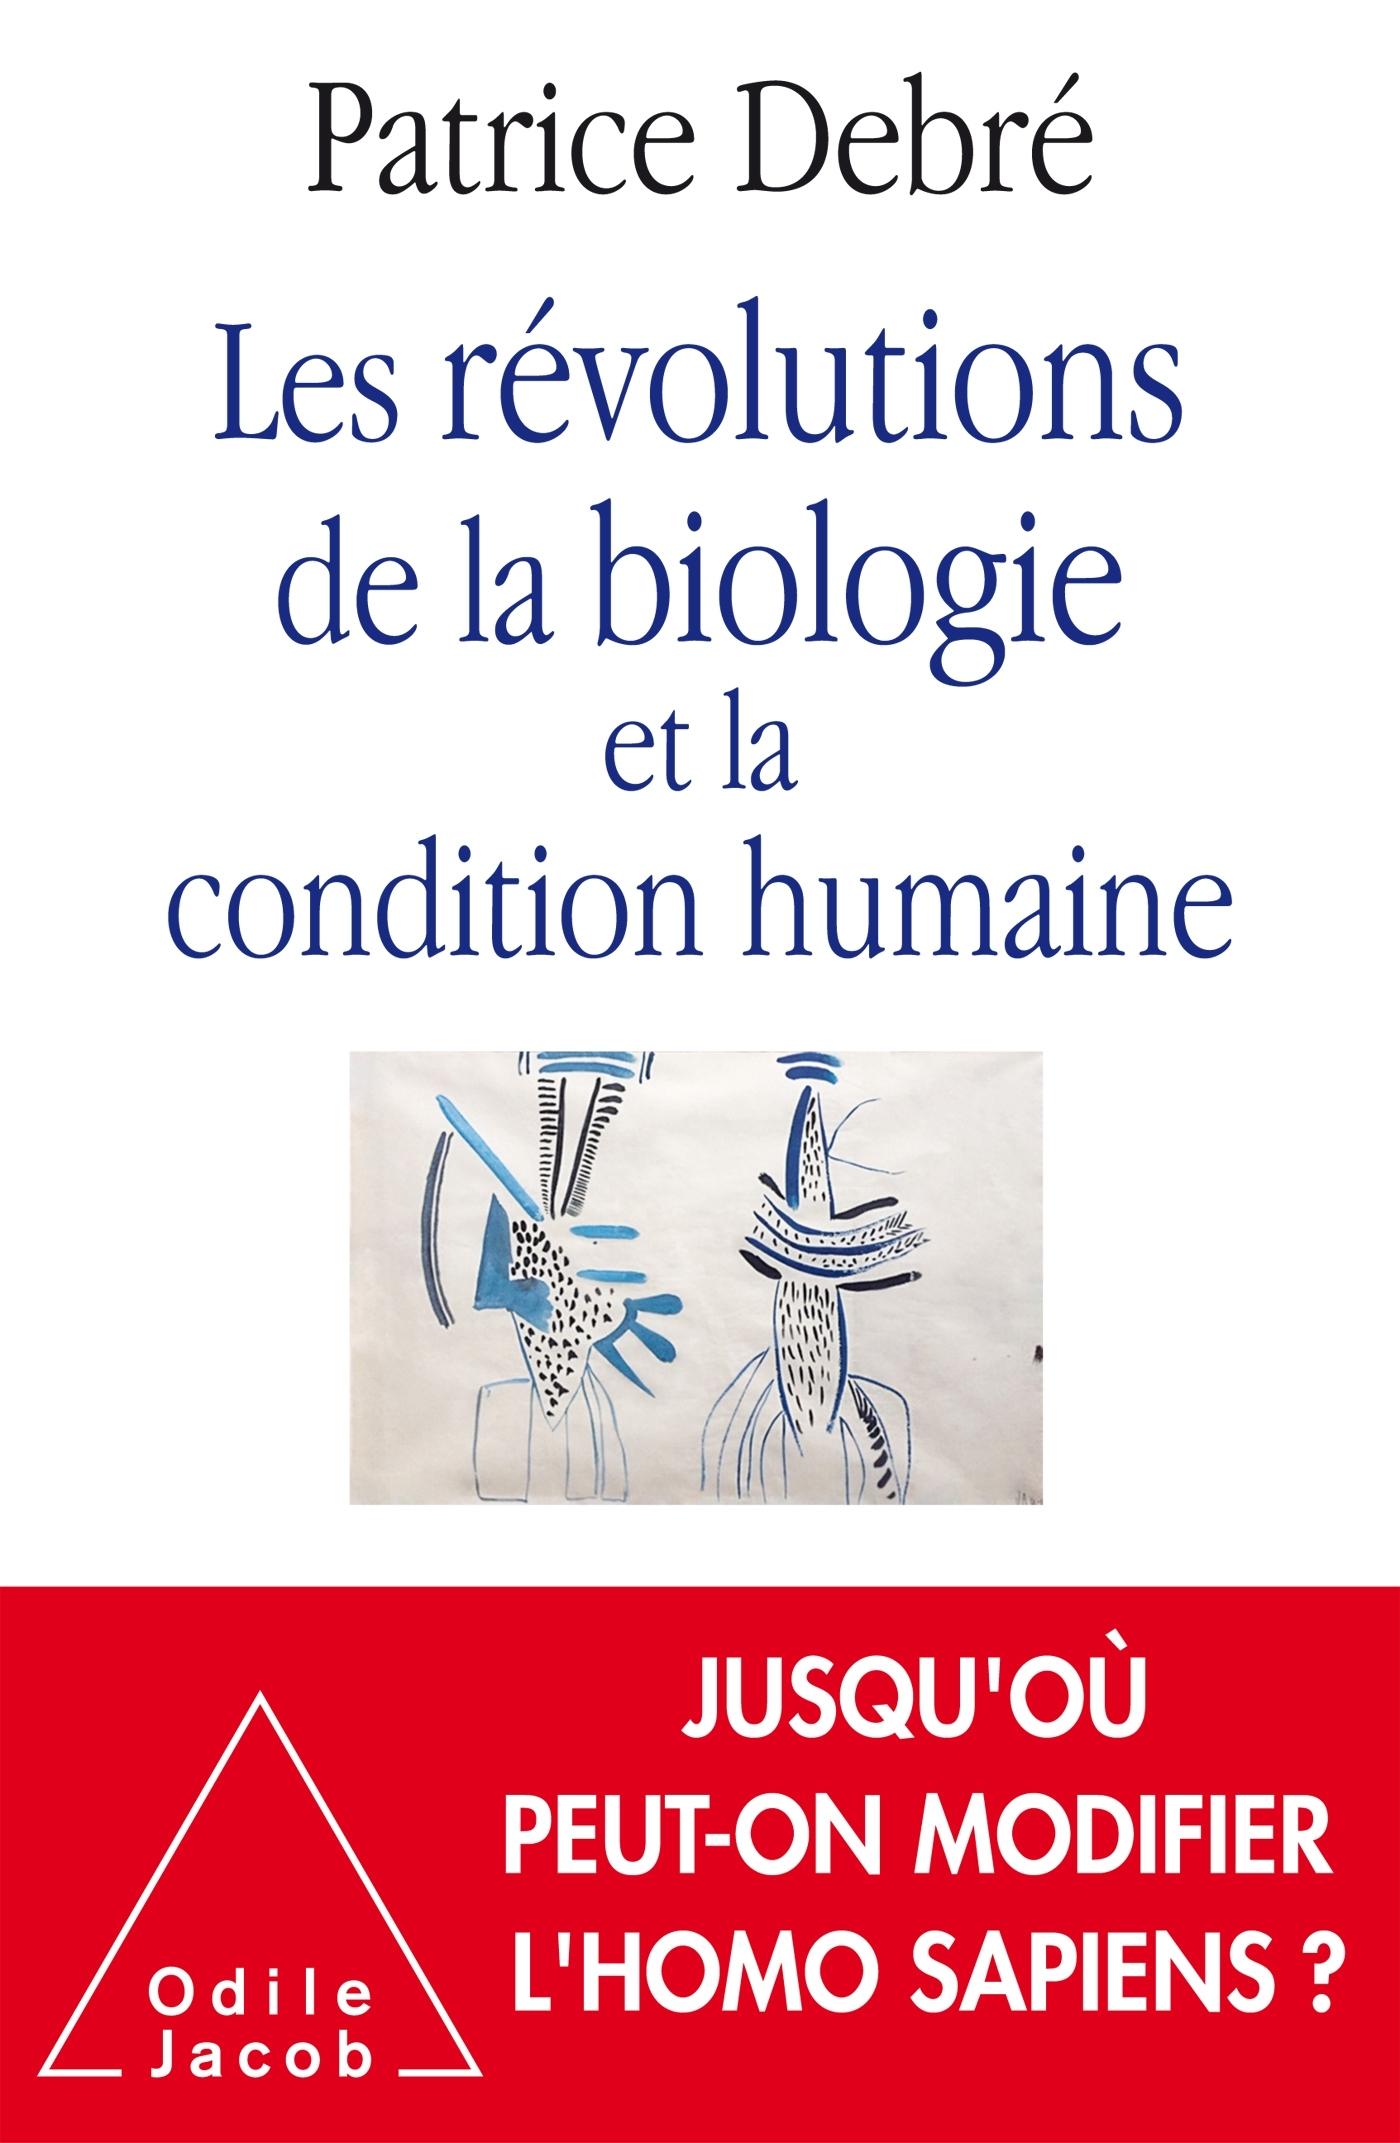 LES REVOLUTIONS DE LA BIOLOGIE ET LA CONDITION HUMAINE